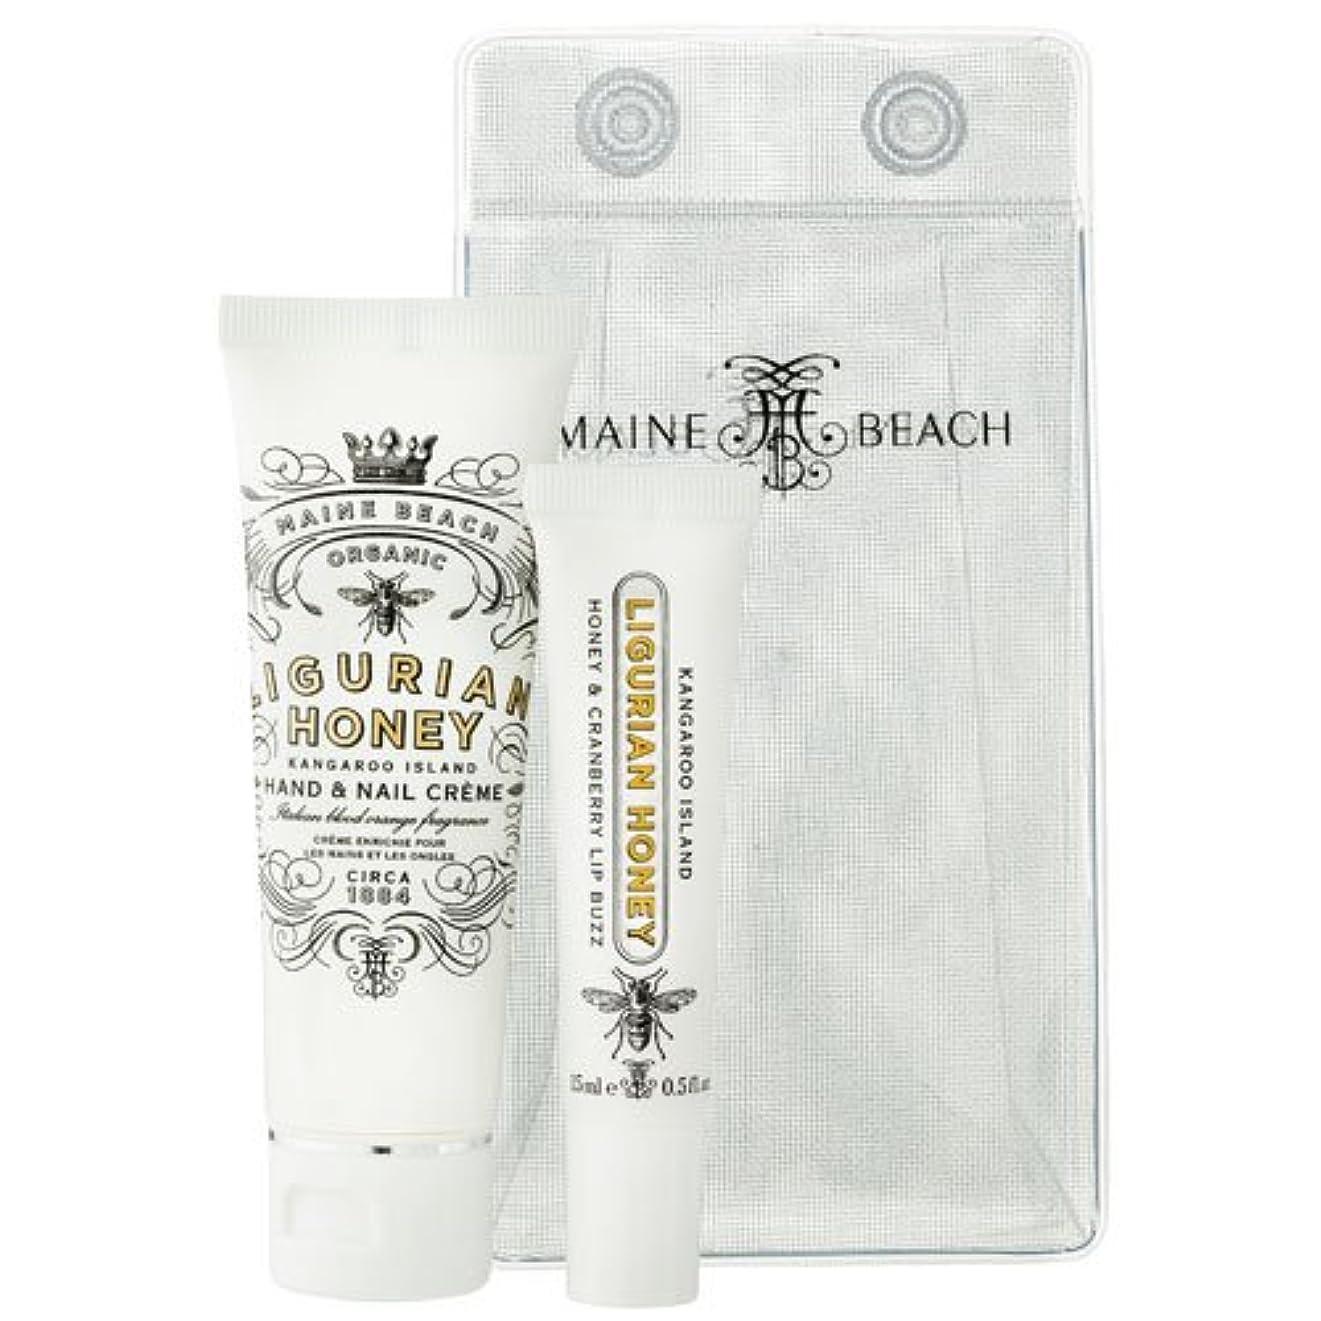 九時四十五分好奇心植物学MAINE BEACH マインビーチ リグリアンハニーシリーズ  Essentials DUO Pack エッセンシャル デュオ パック